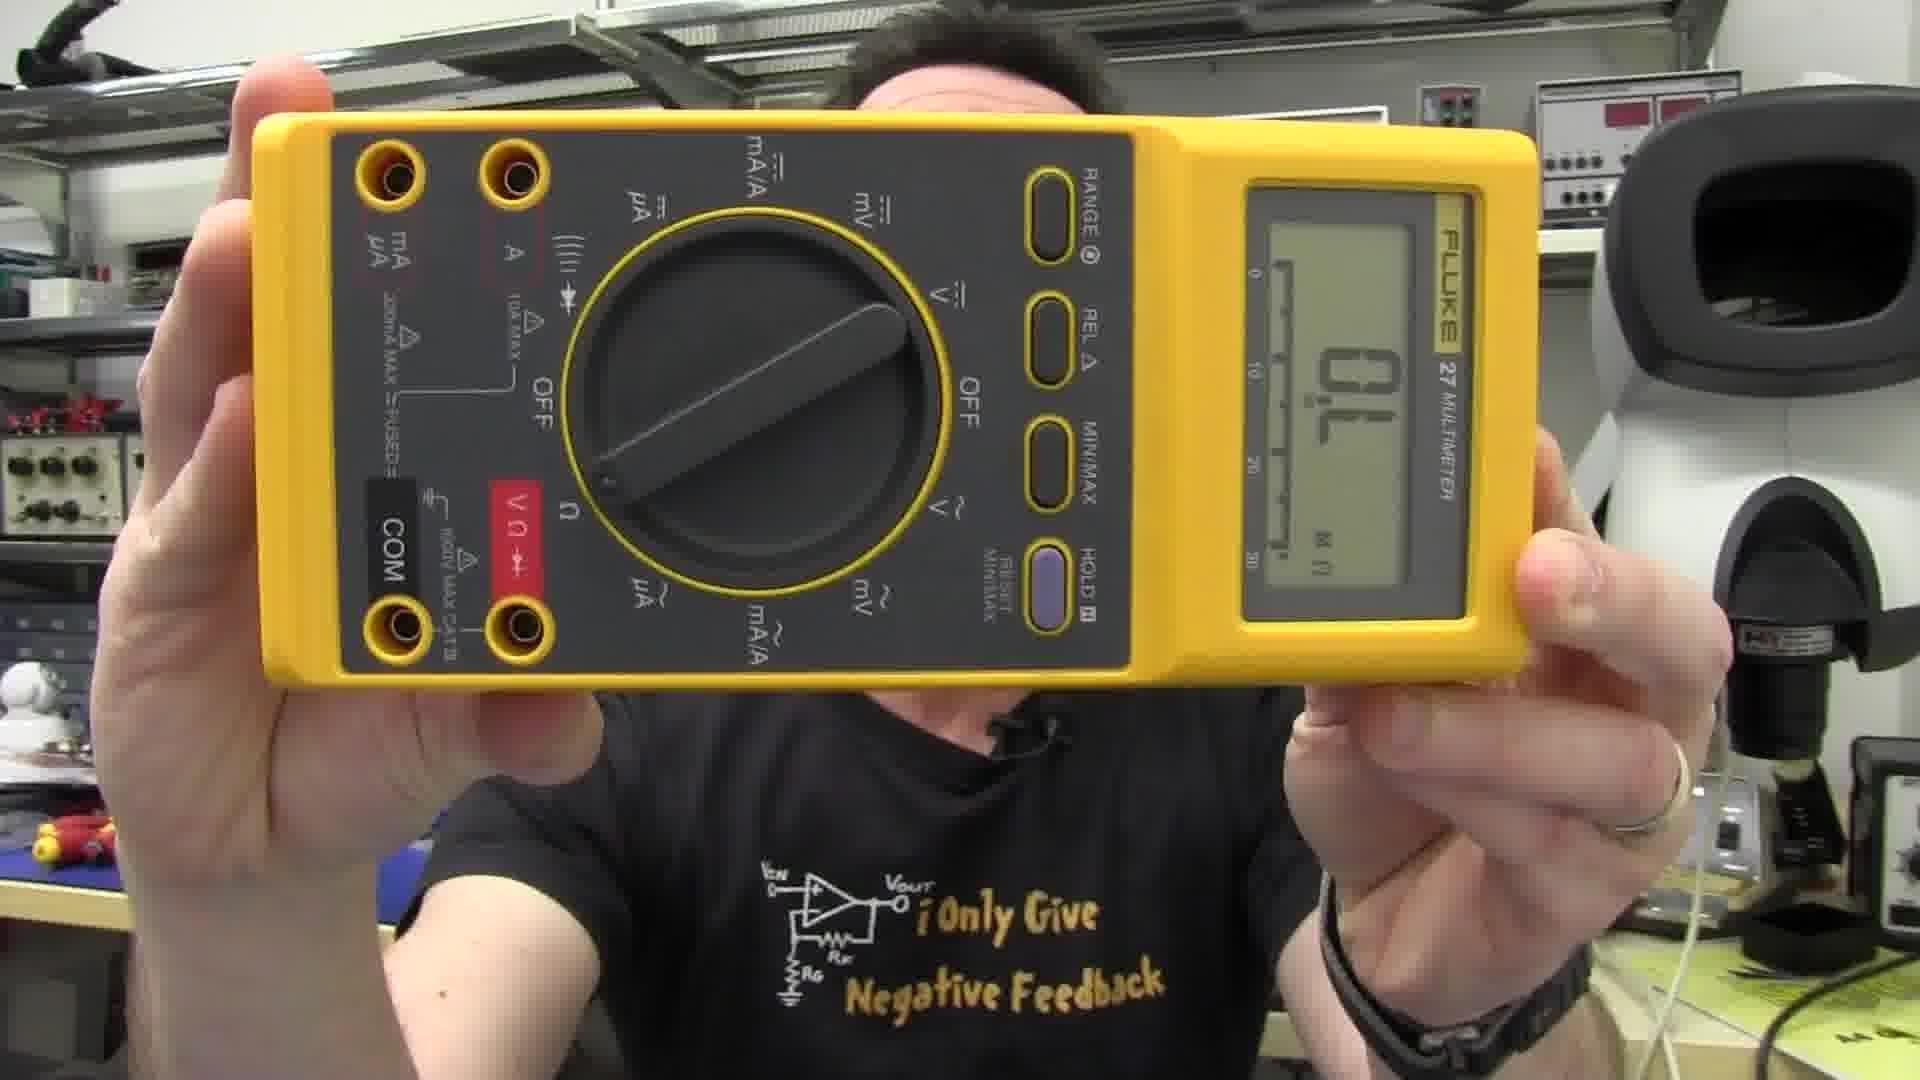 EEVblog #372 – Fluke 27 Multimeter Review & Teardown